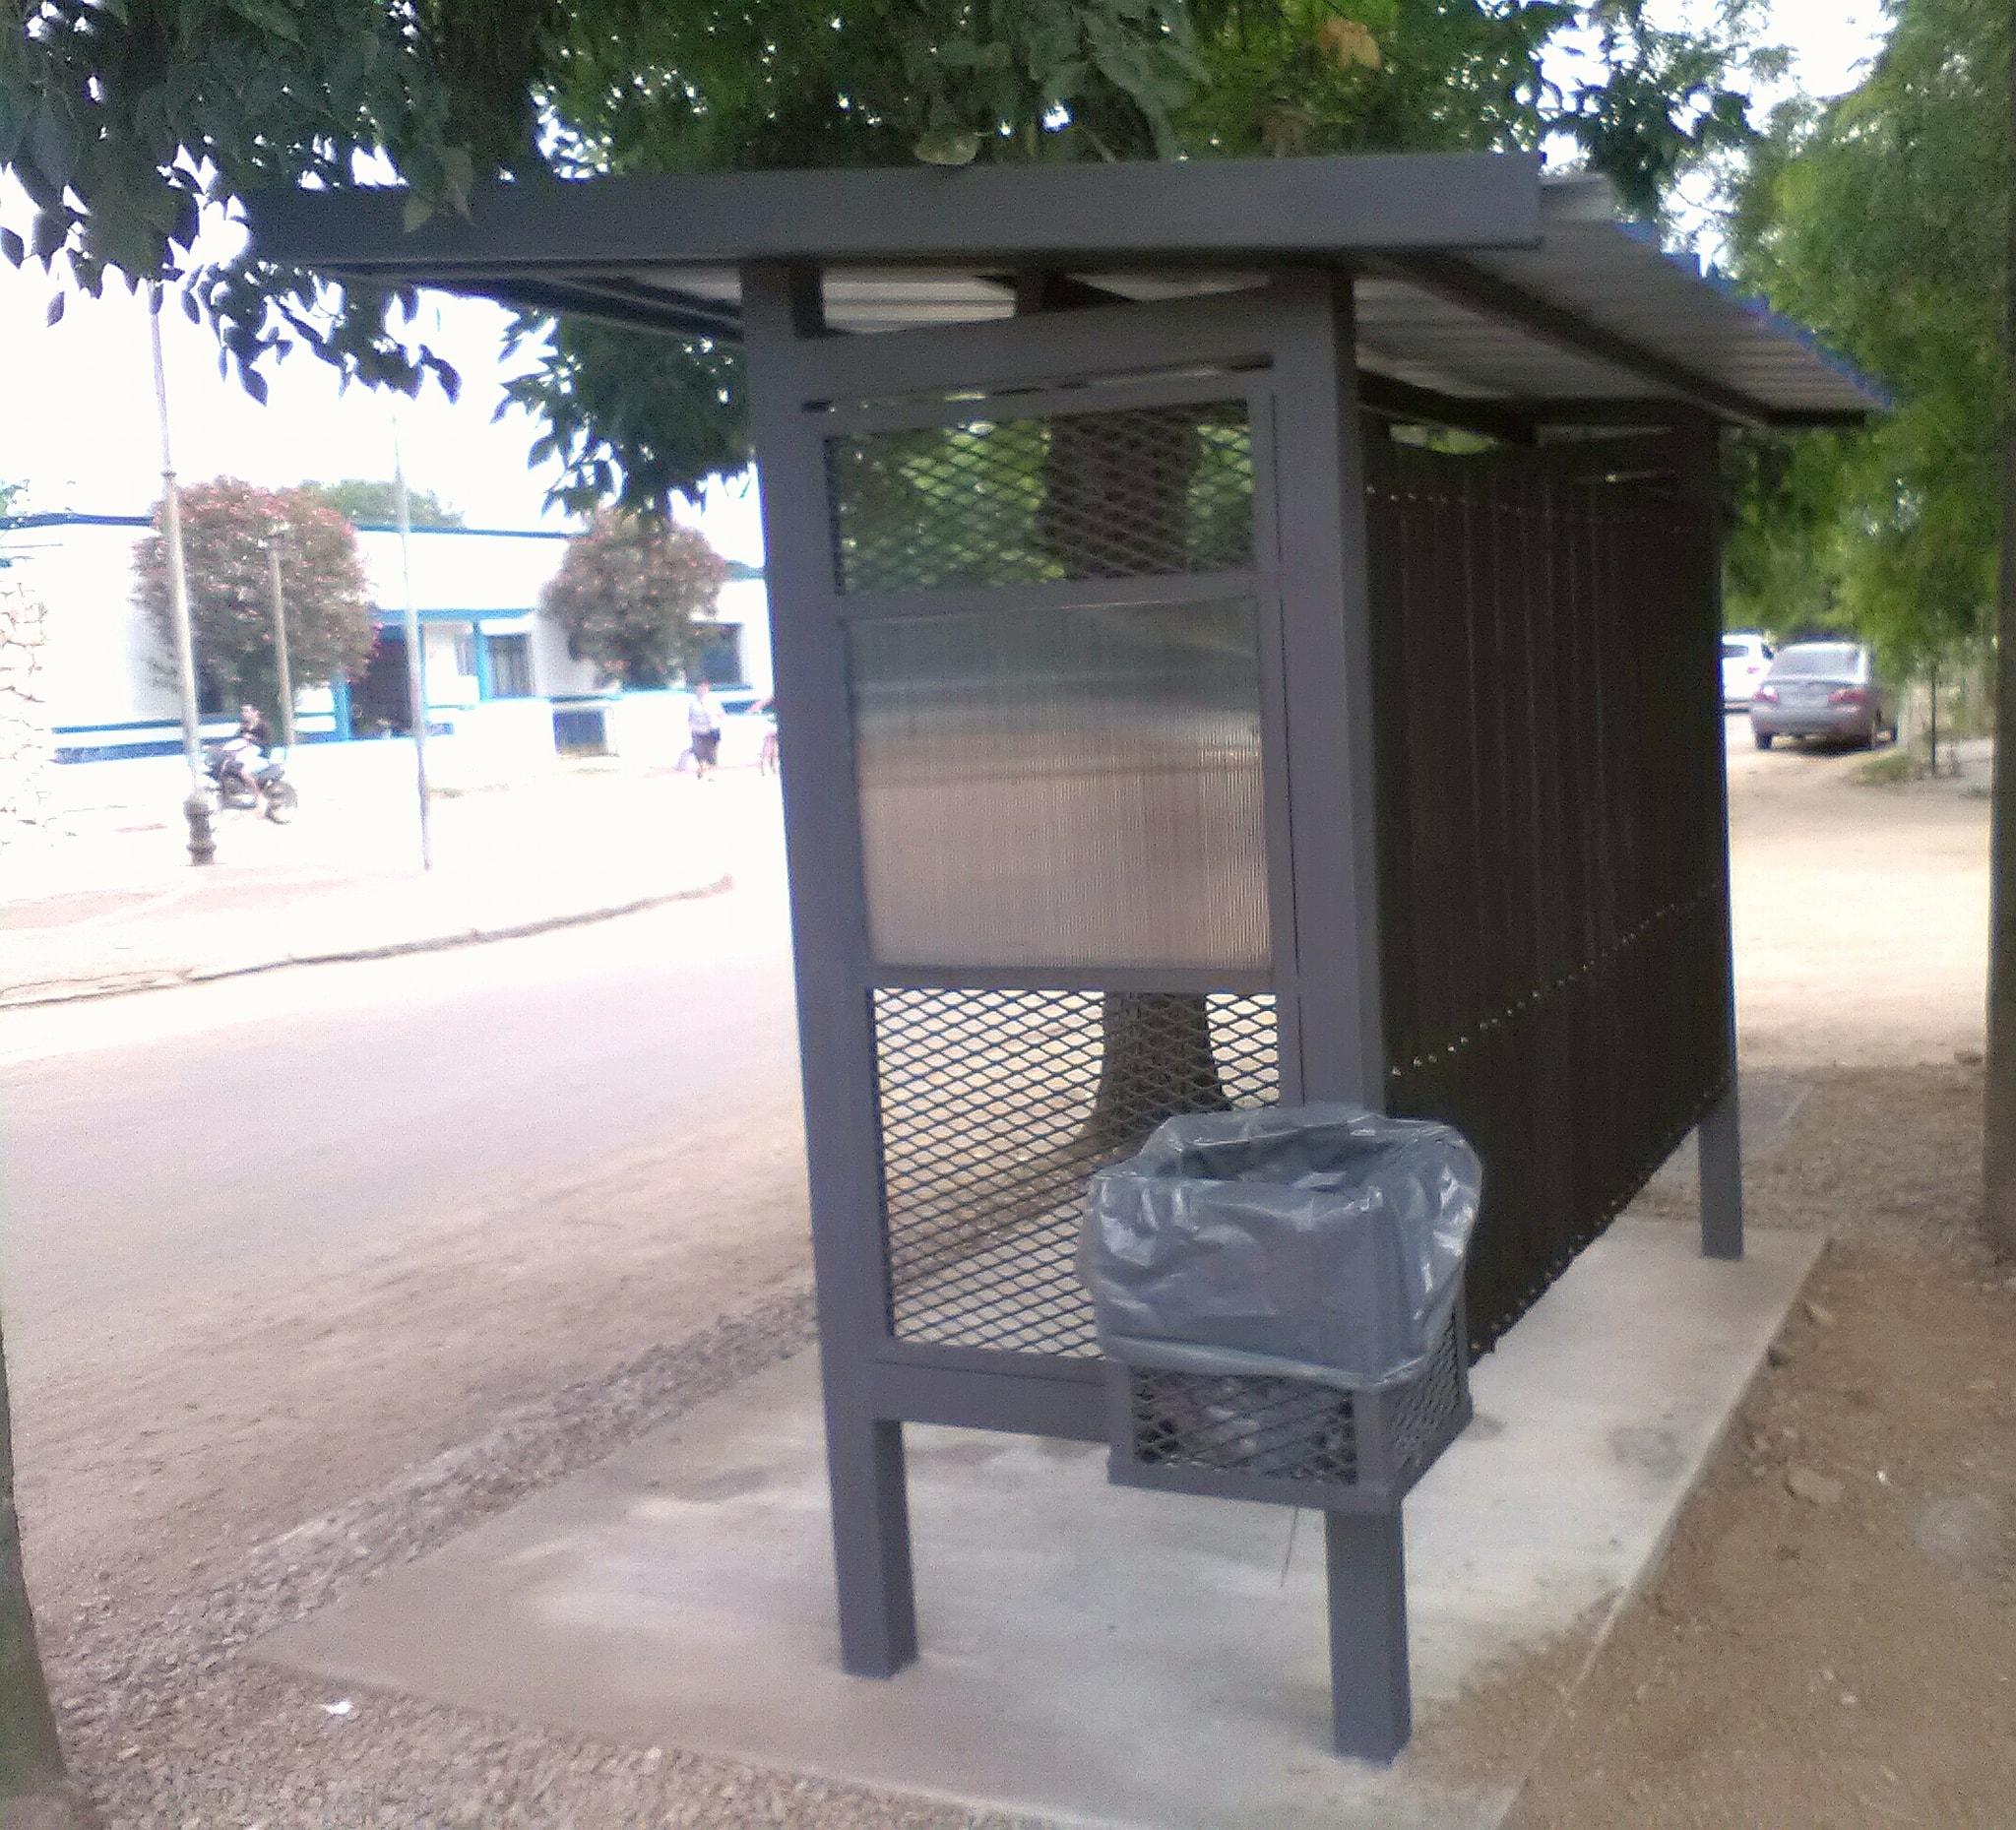 REFUGIOS EN PARADAS DE OMNIBUS